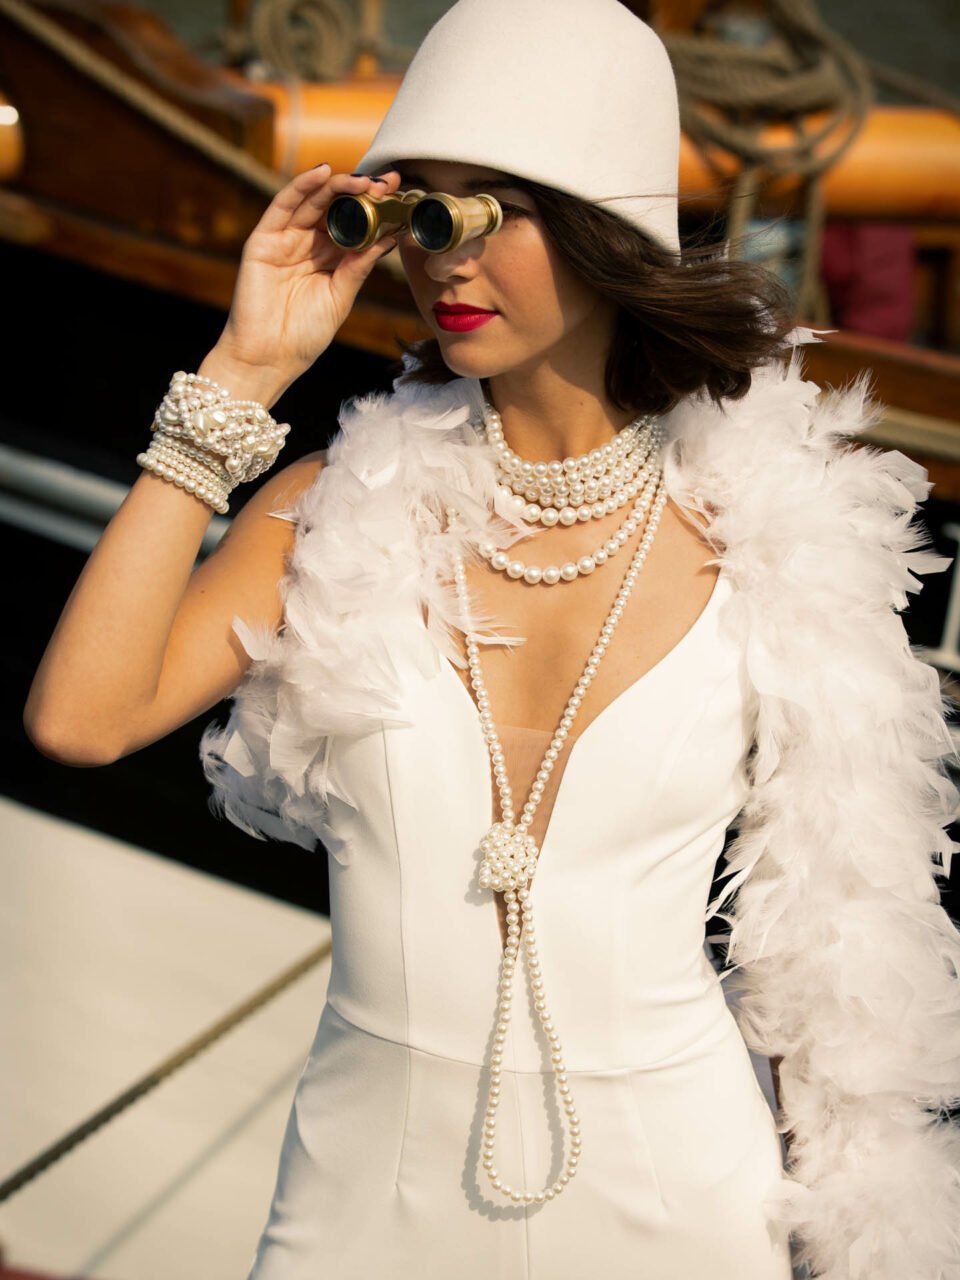 20er Jahre Brautoutfit mit Hut, Braut schaut durchs Fernglas